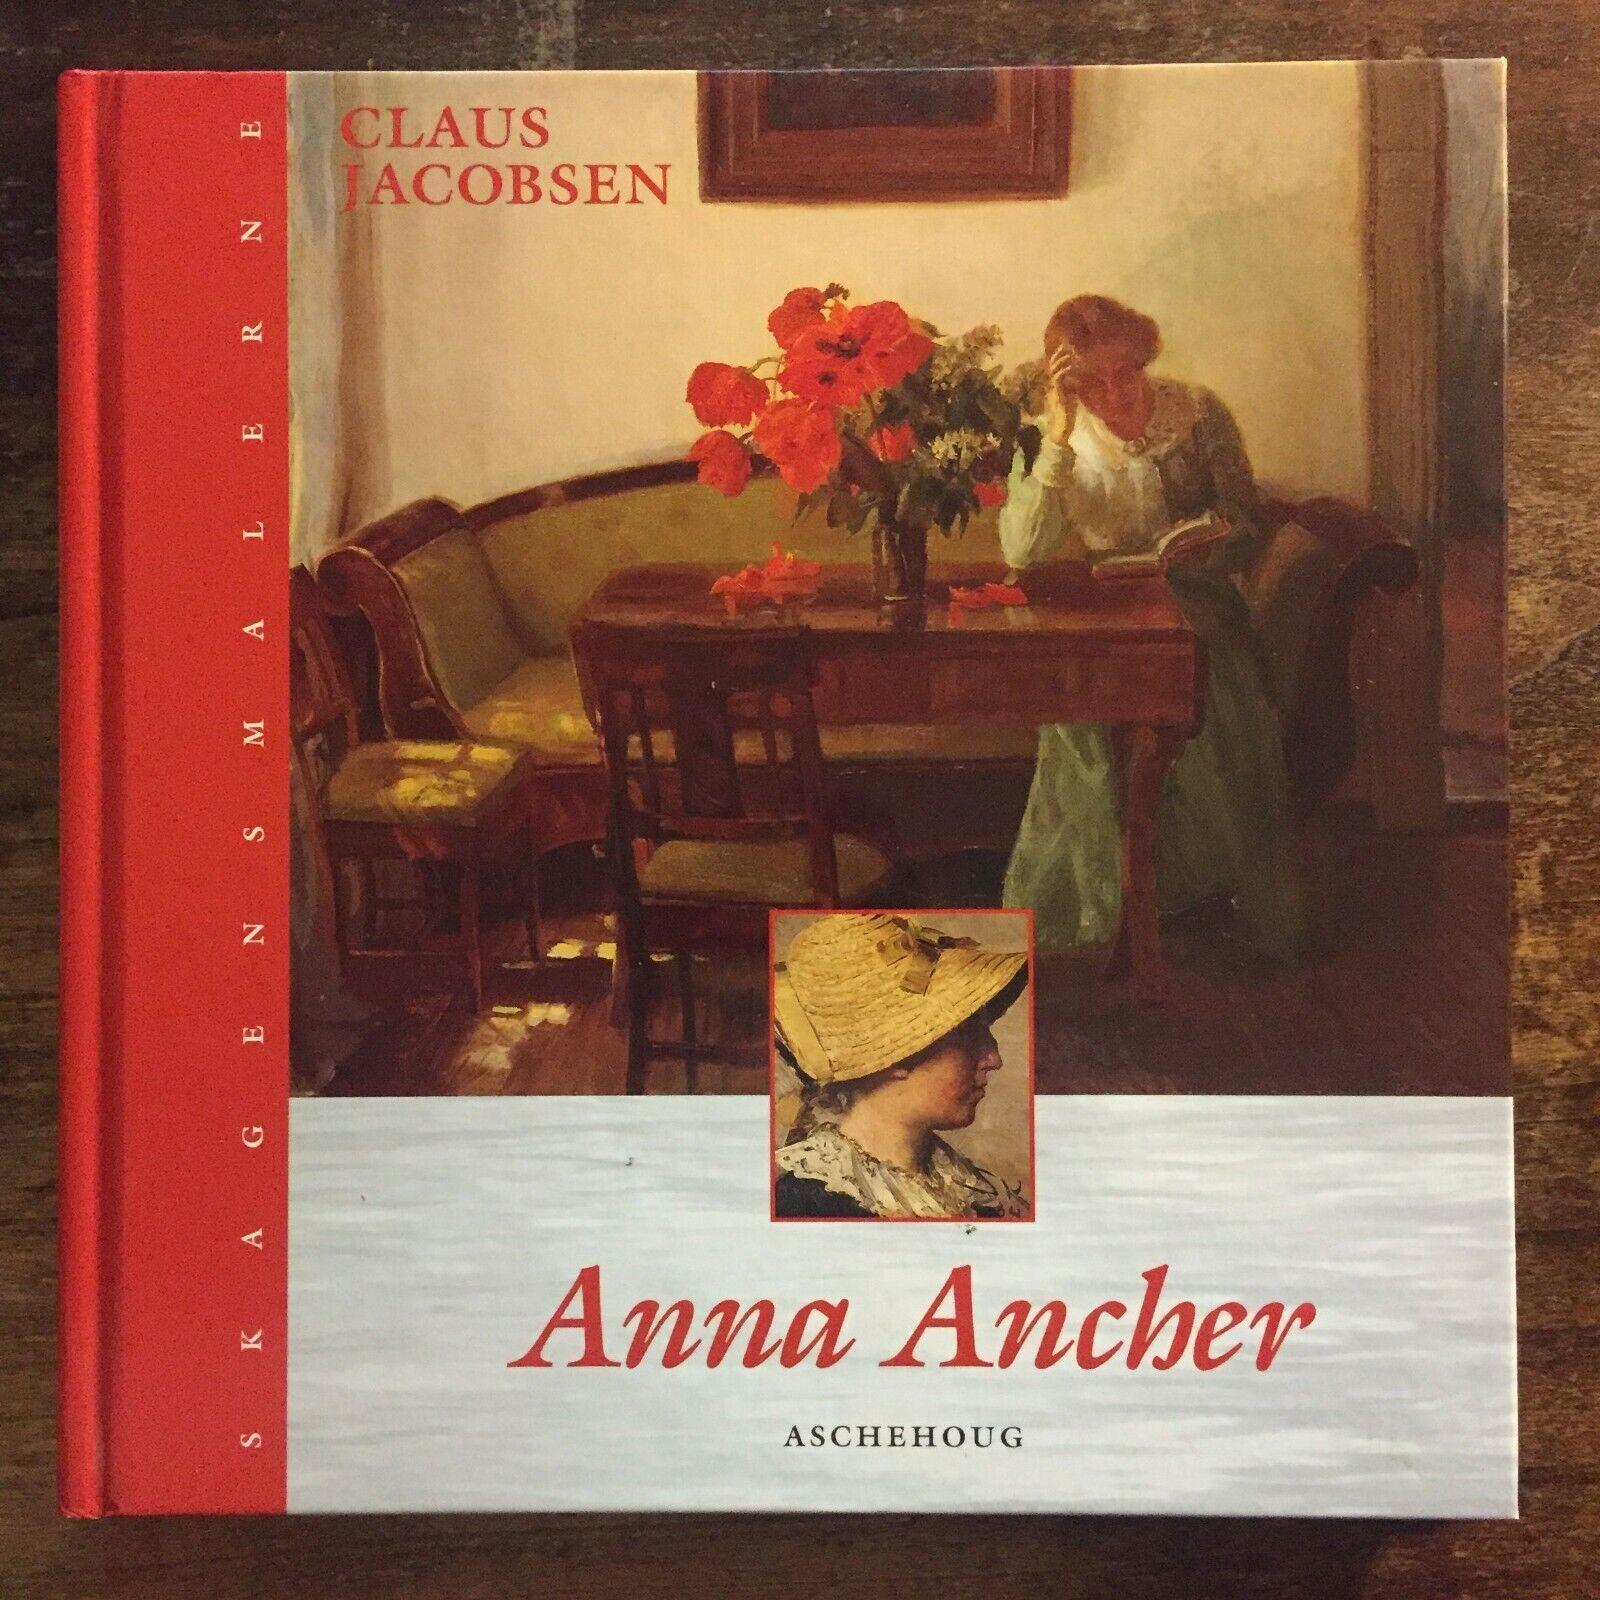 Anna Ancher - Claus Jacobsen